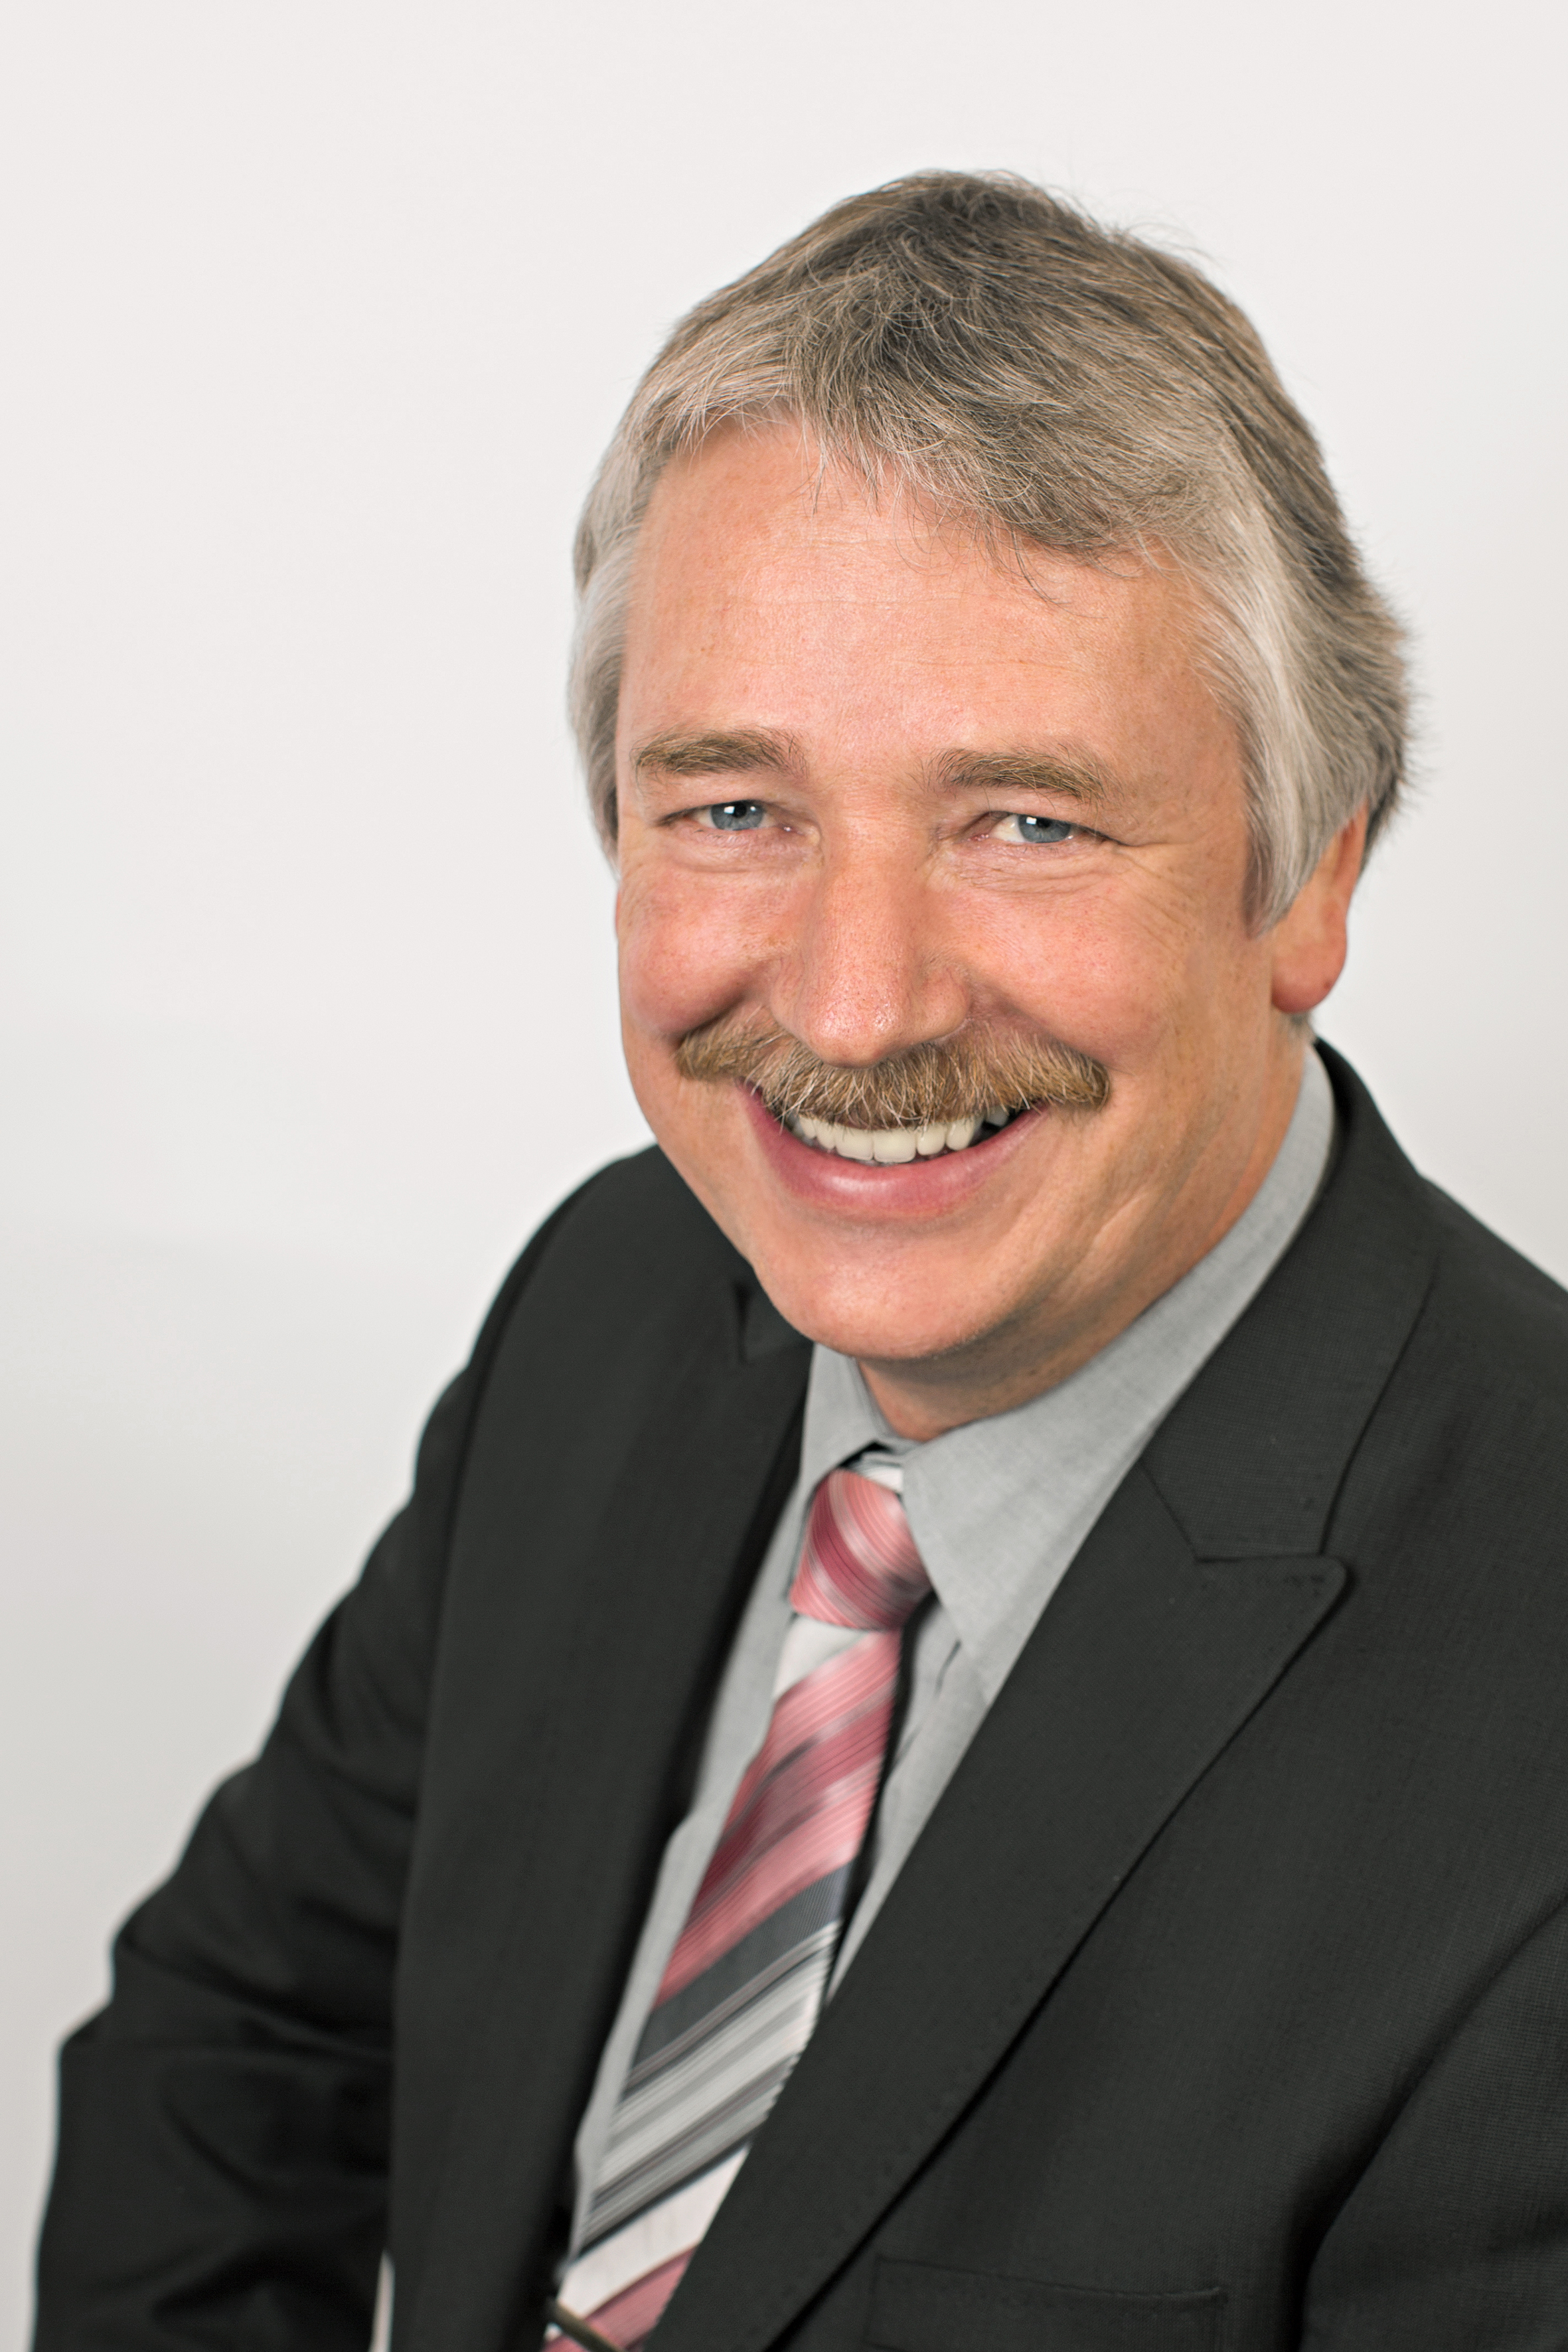 Reinhard Streng